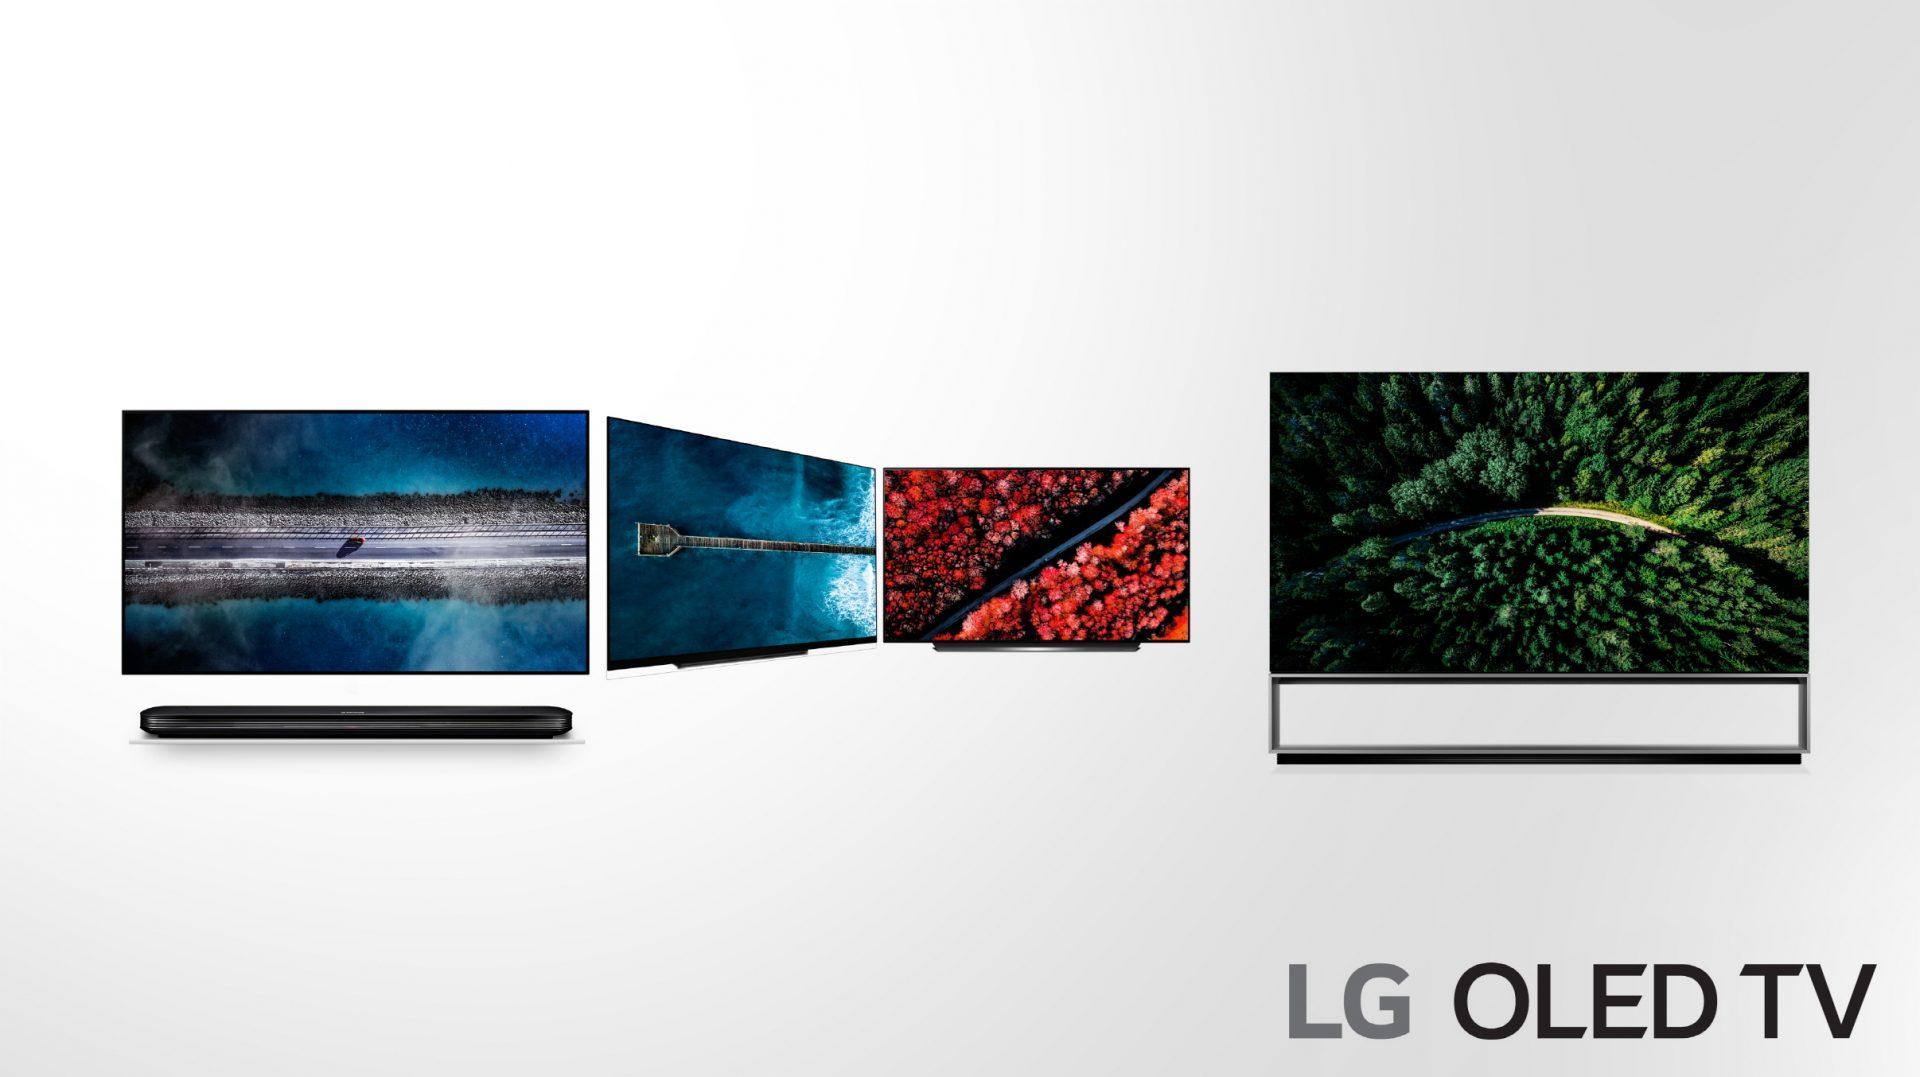 Årets nya OLED-modeller har massor av nyheter, inklusive det helt nya 8K-flaggskeppet Z9 (längst till höger)! (Foto: LG)